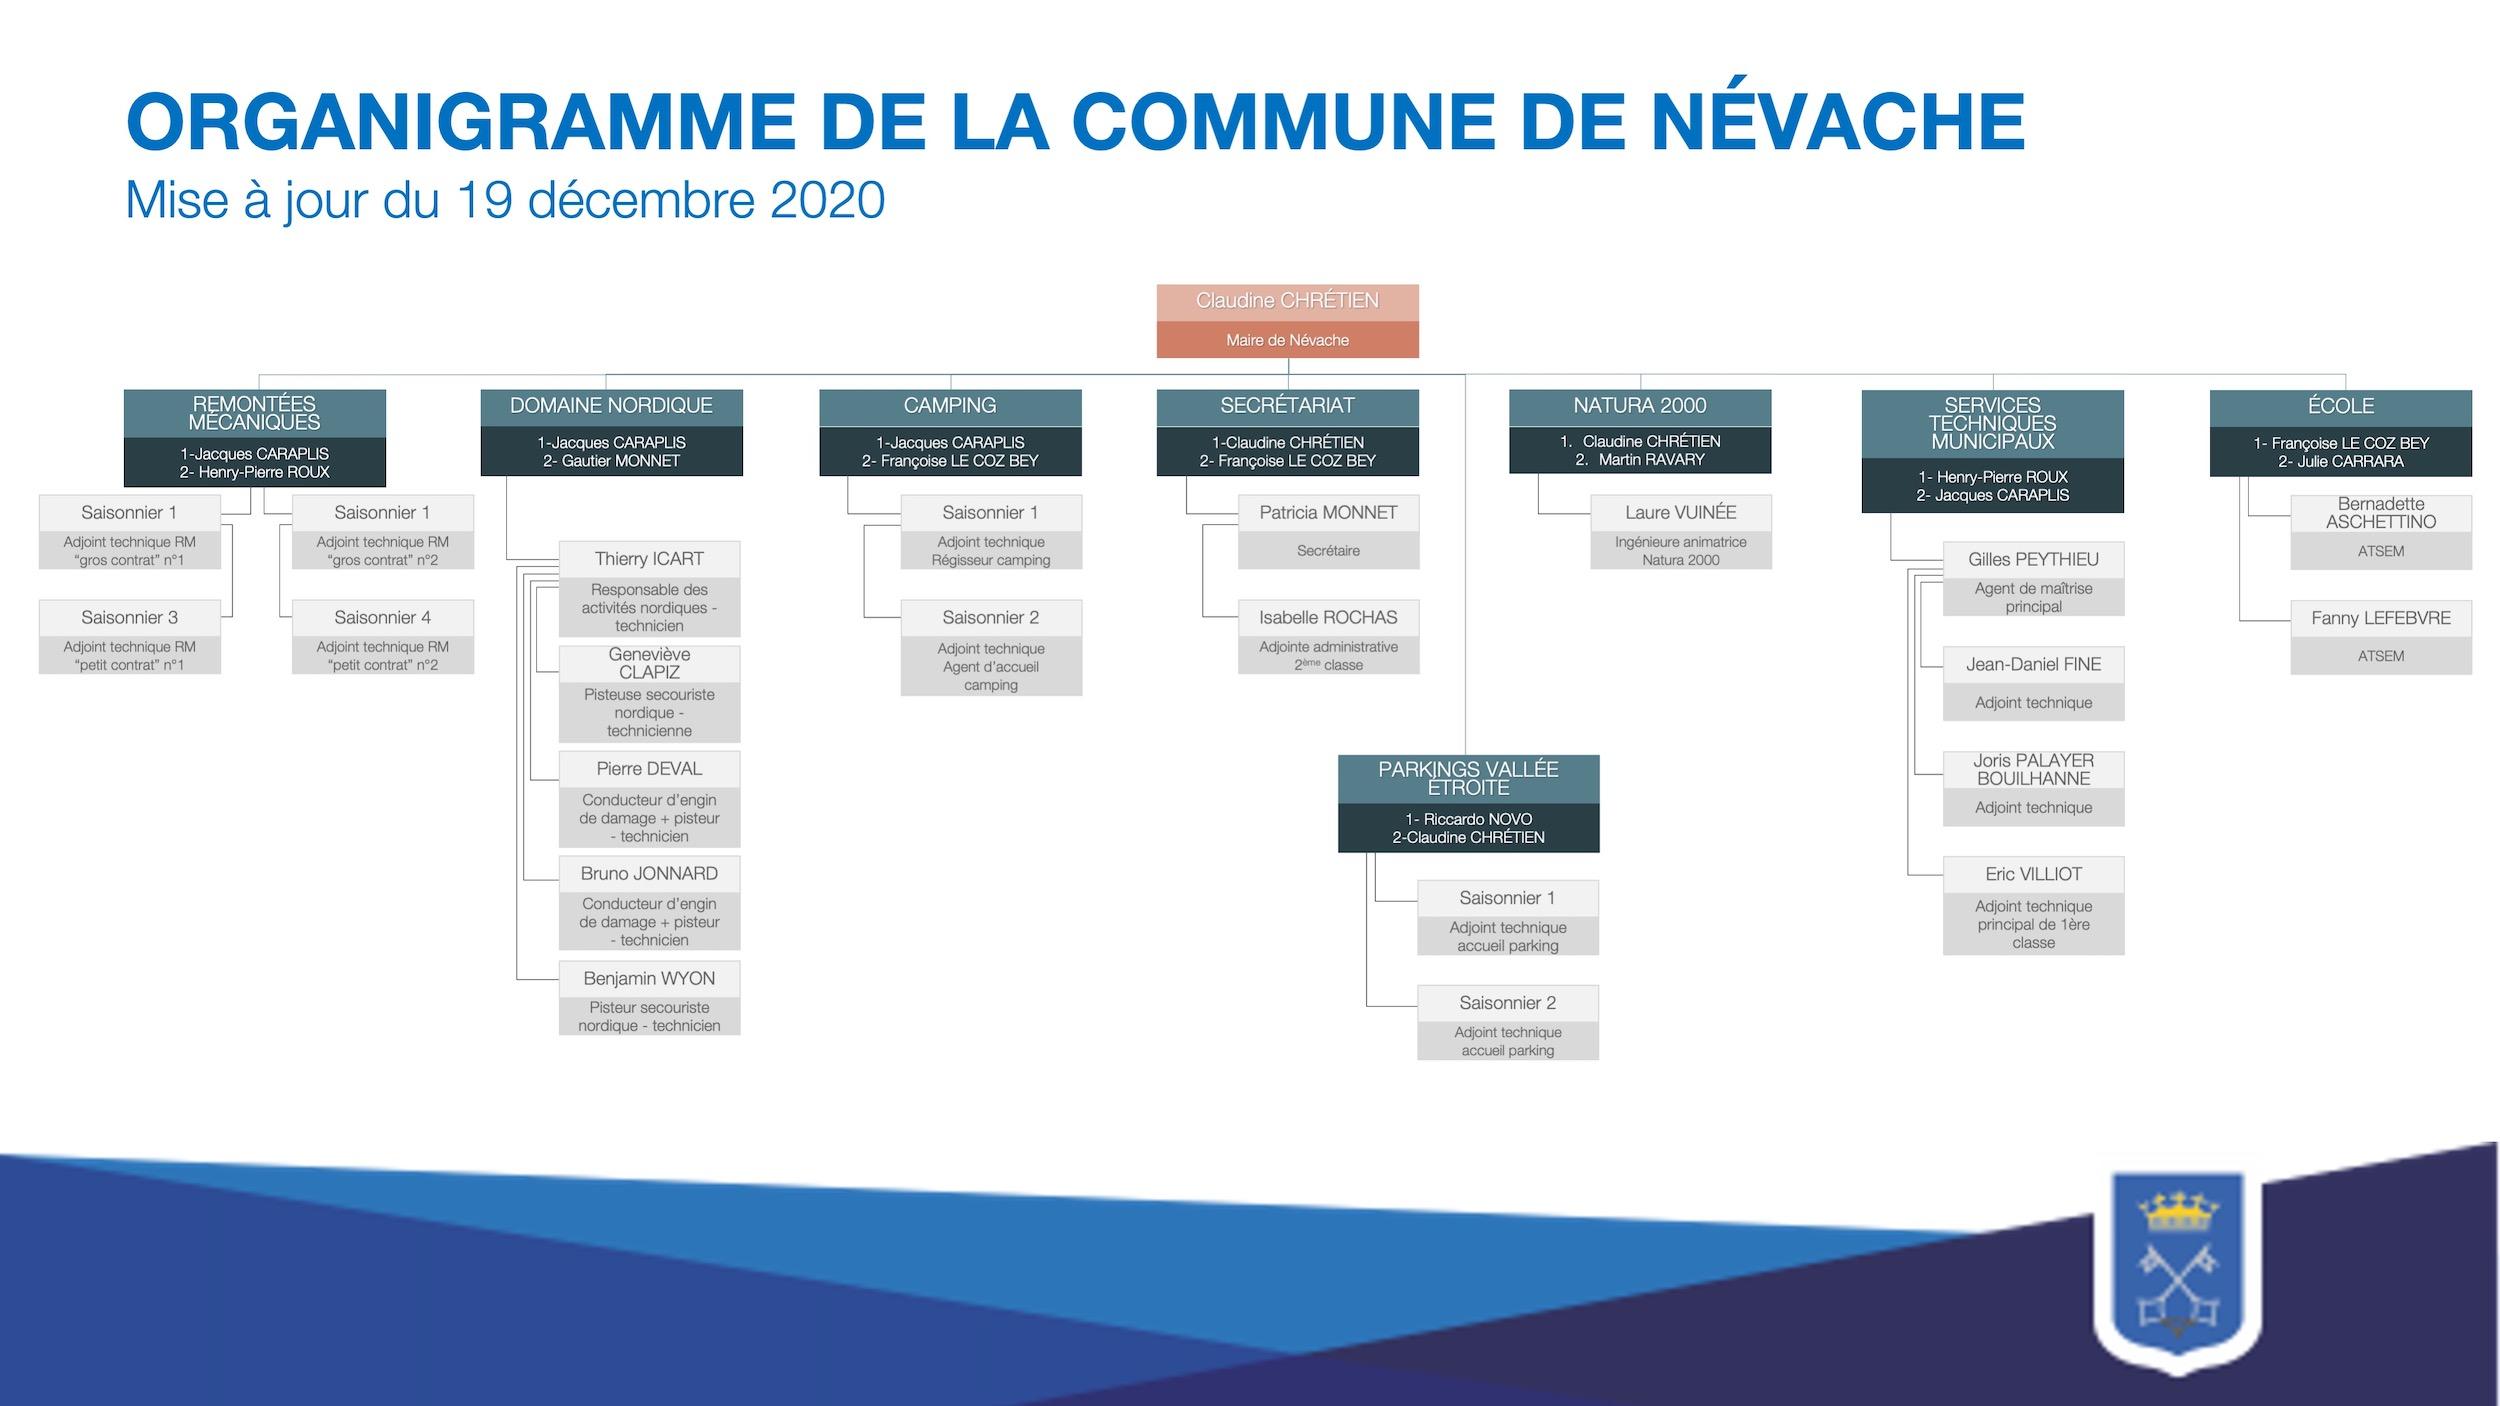 Organigramme des services de la mairie de Névache